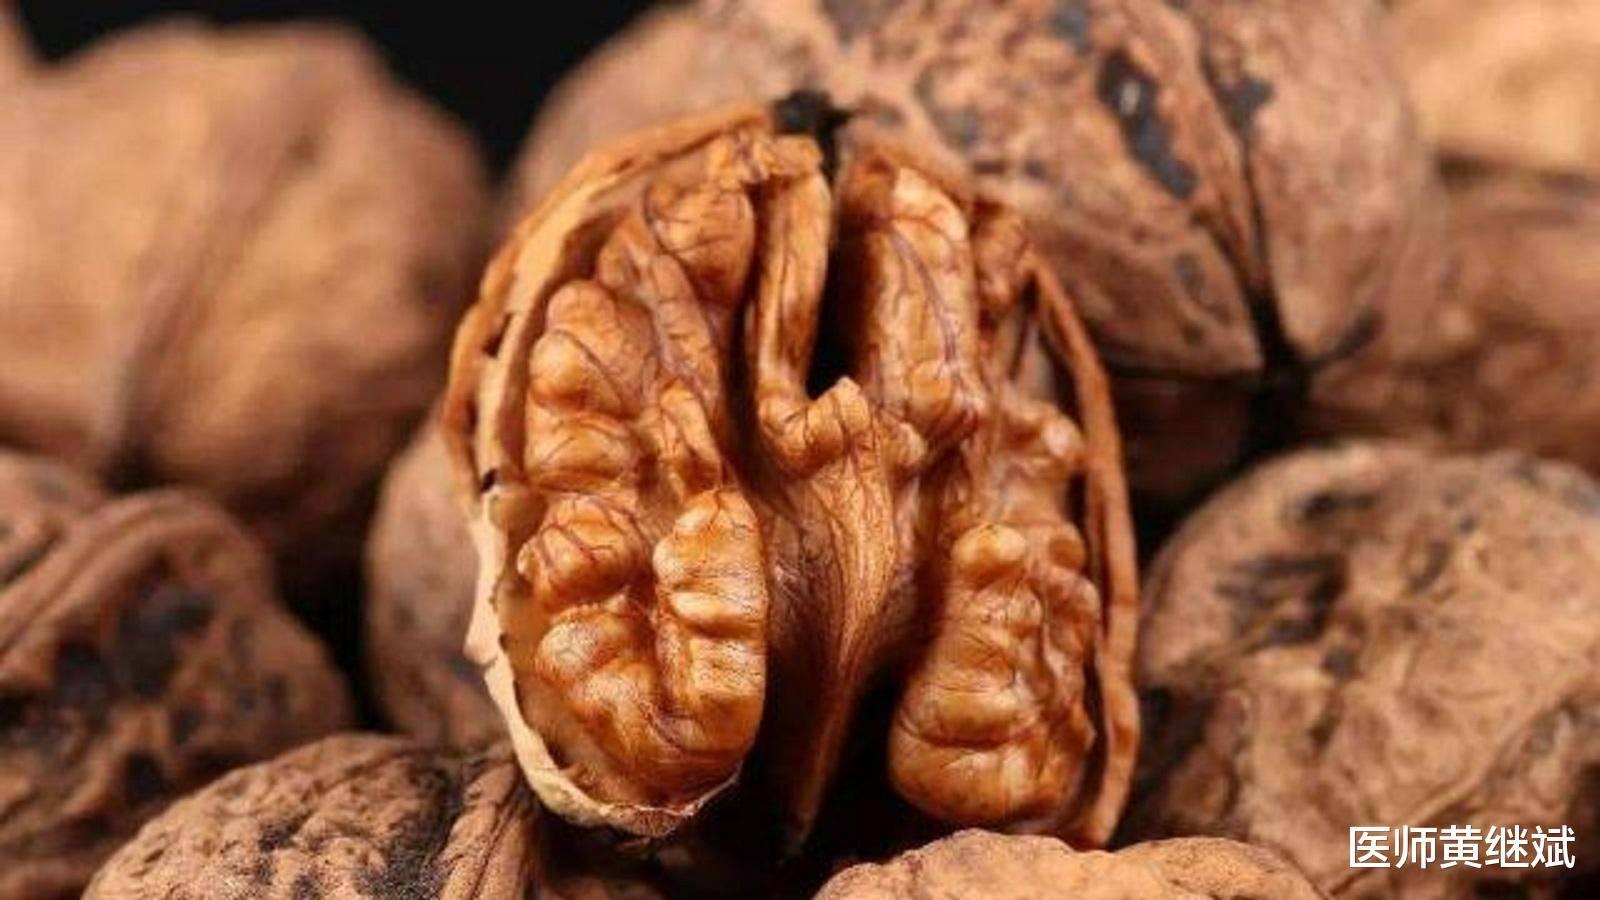 原创少年白发是什么原因导致?和营养不良有关,可通过食疗改善发质